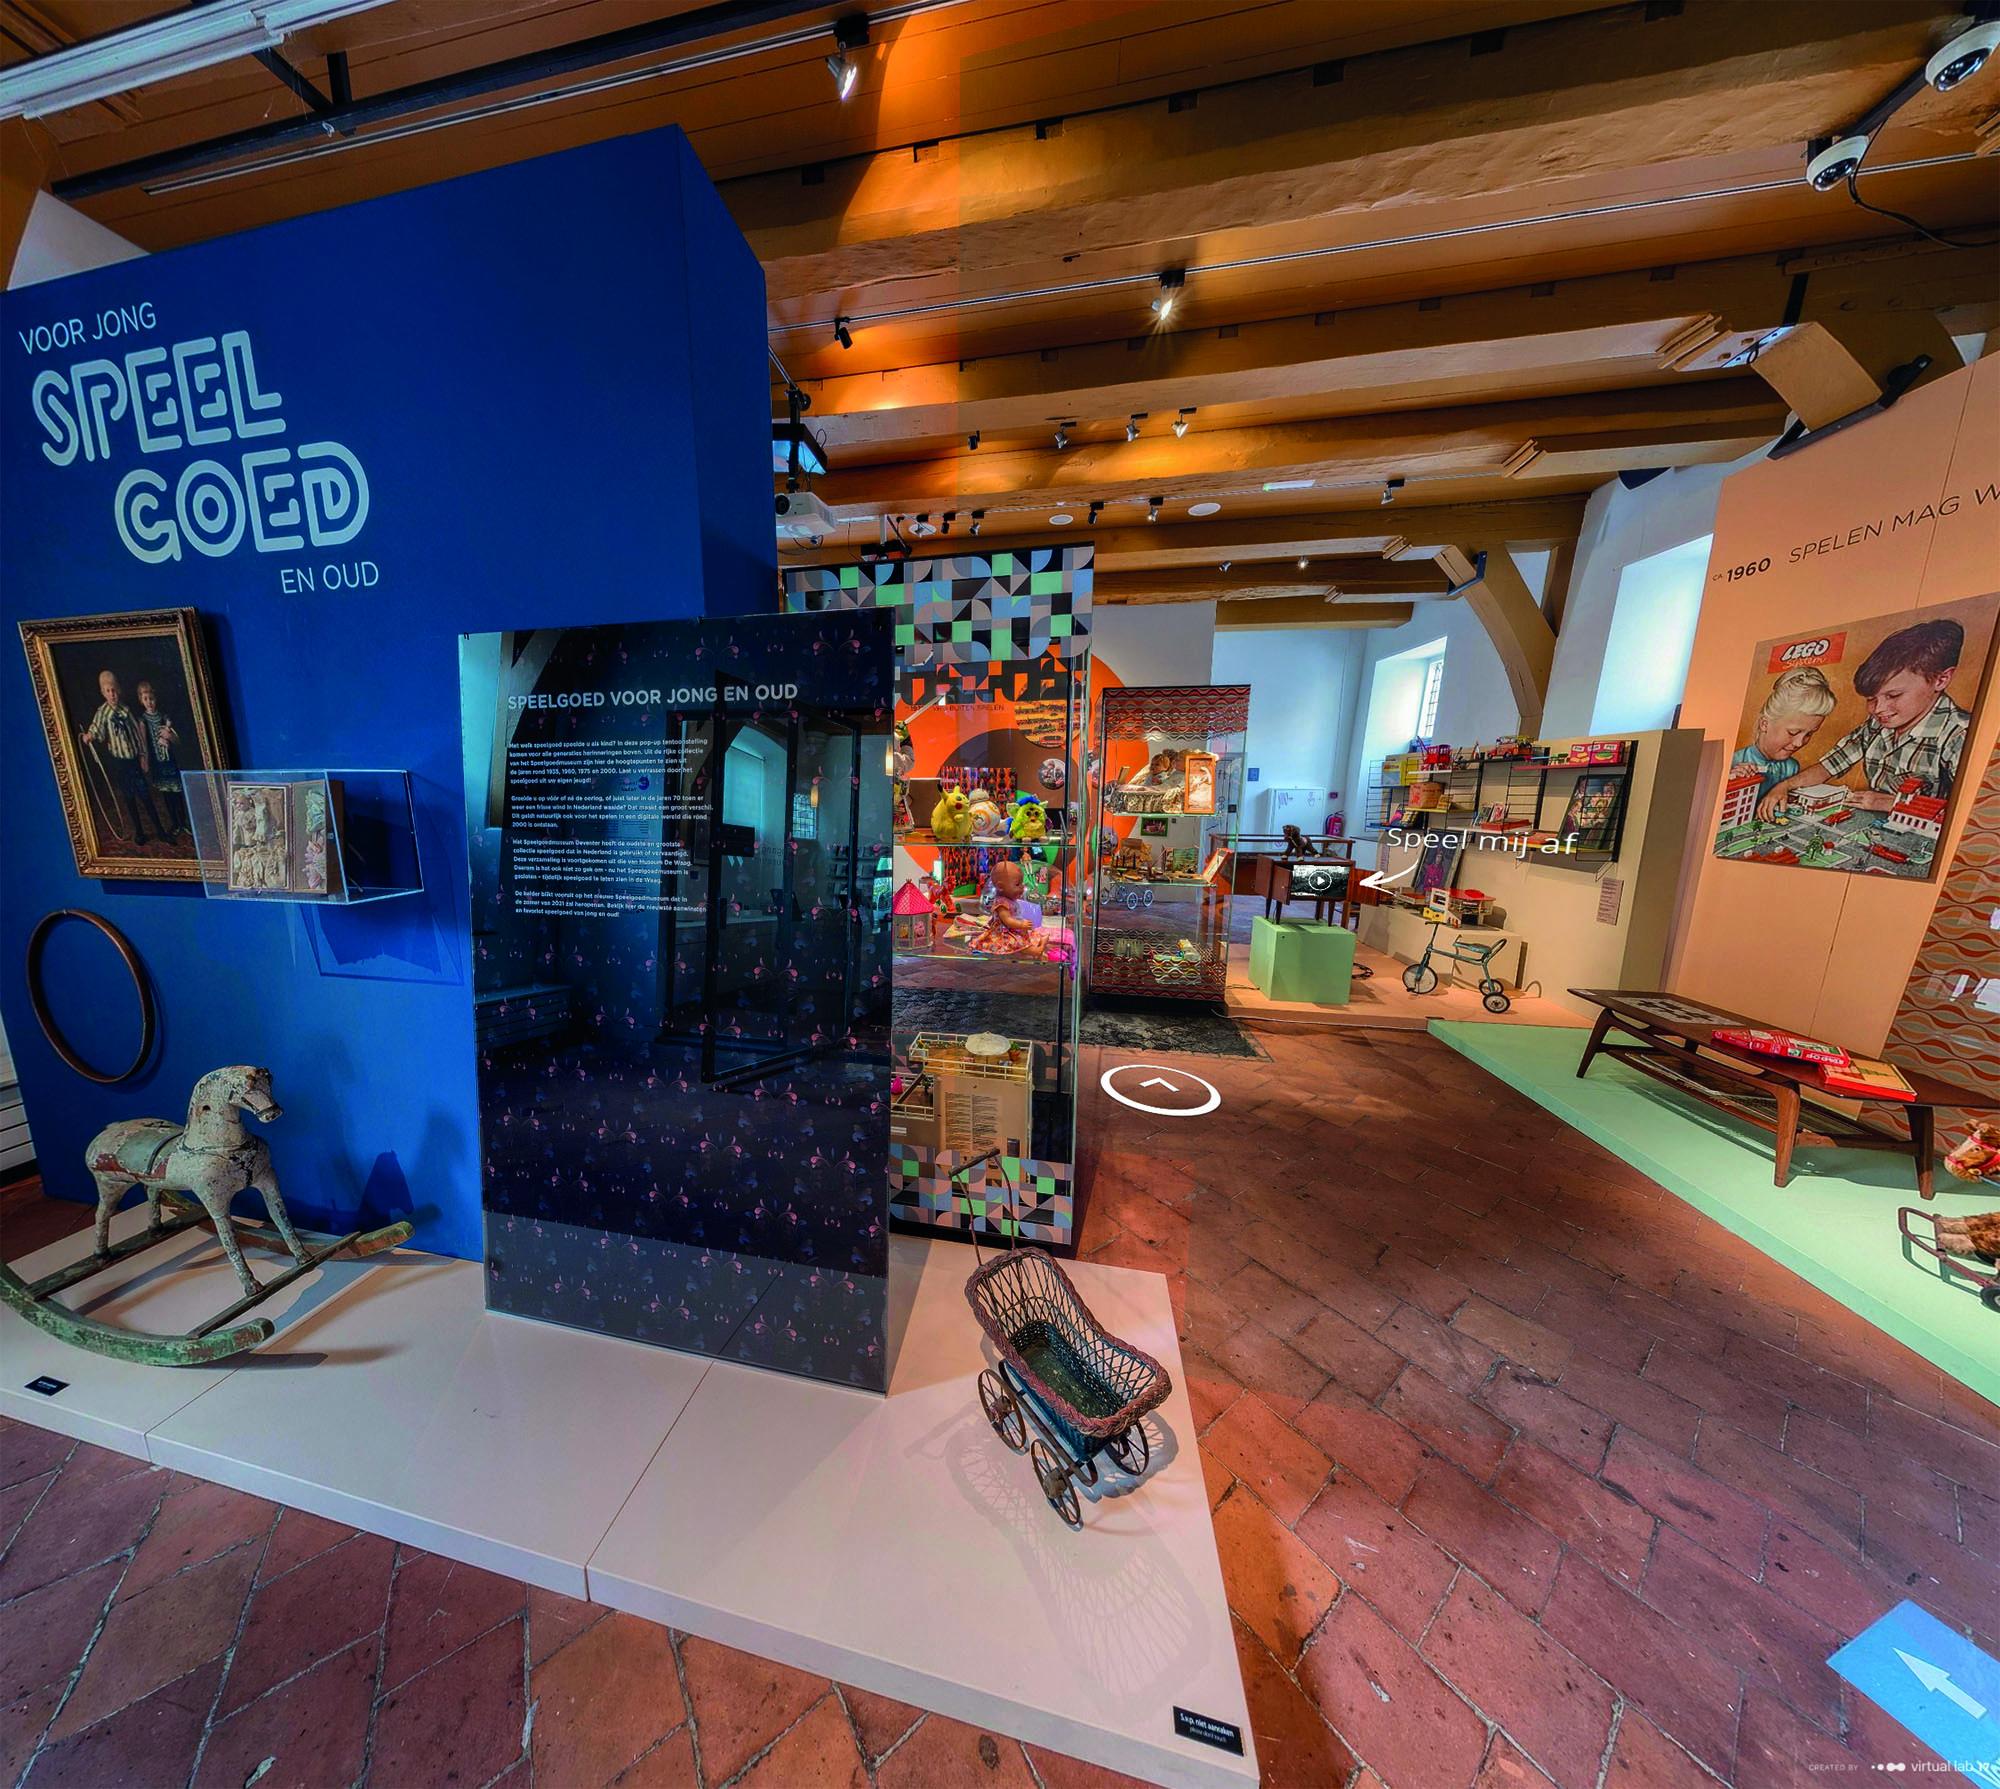 Virtuele tour langs tijdelijke tentoonstelling 'Speelgoed voor jong en oud'